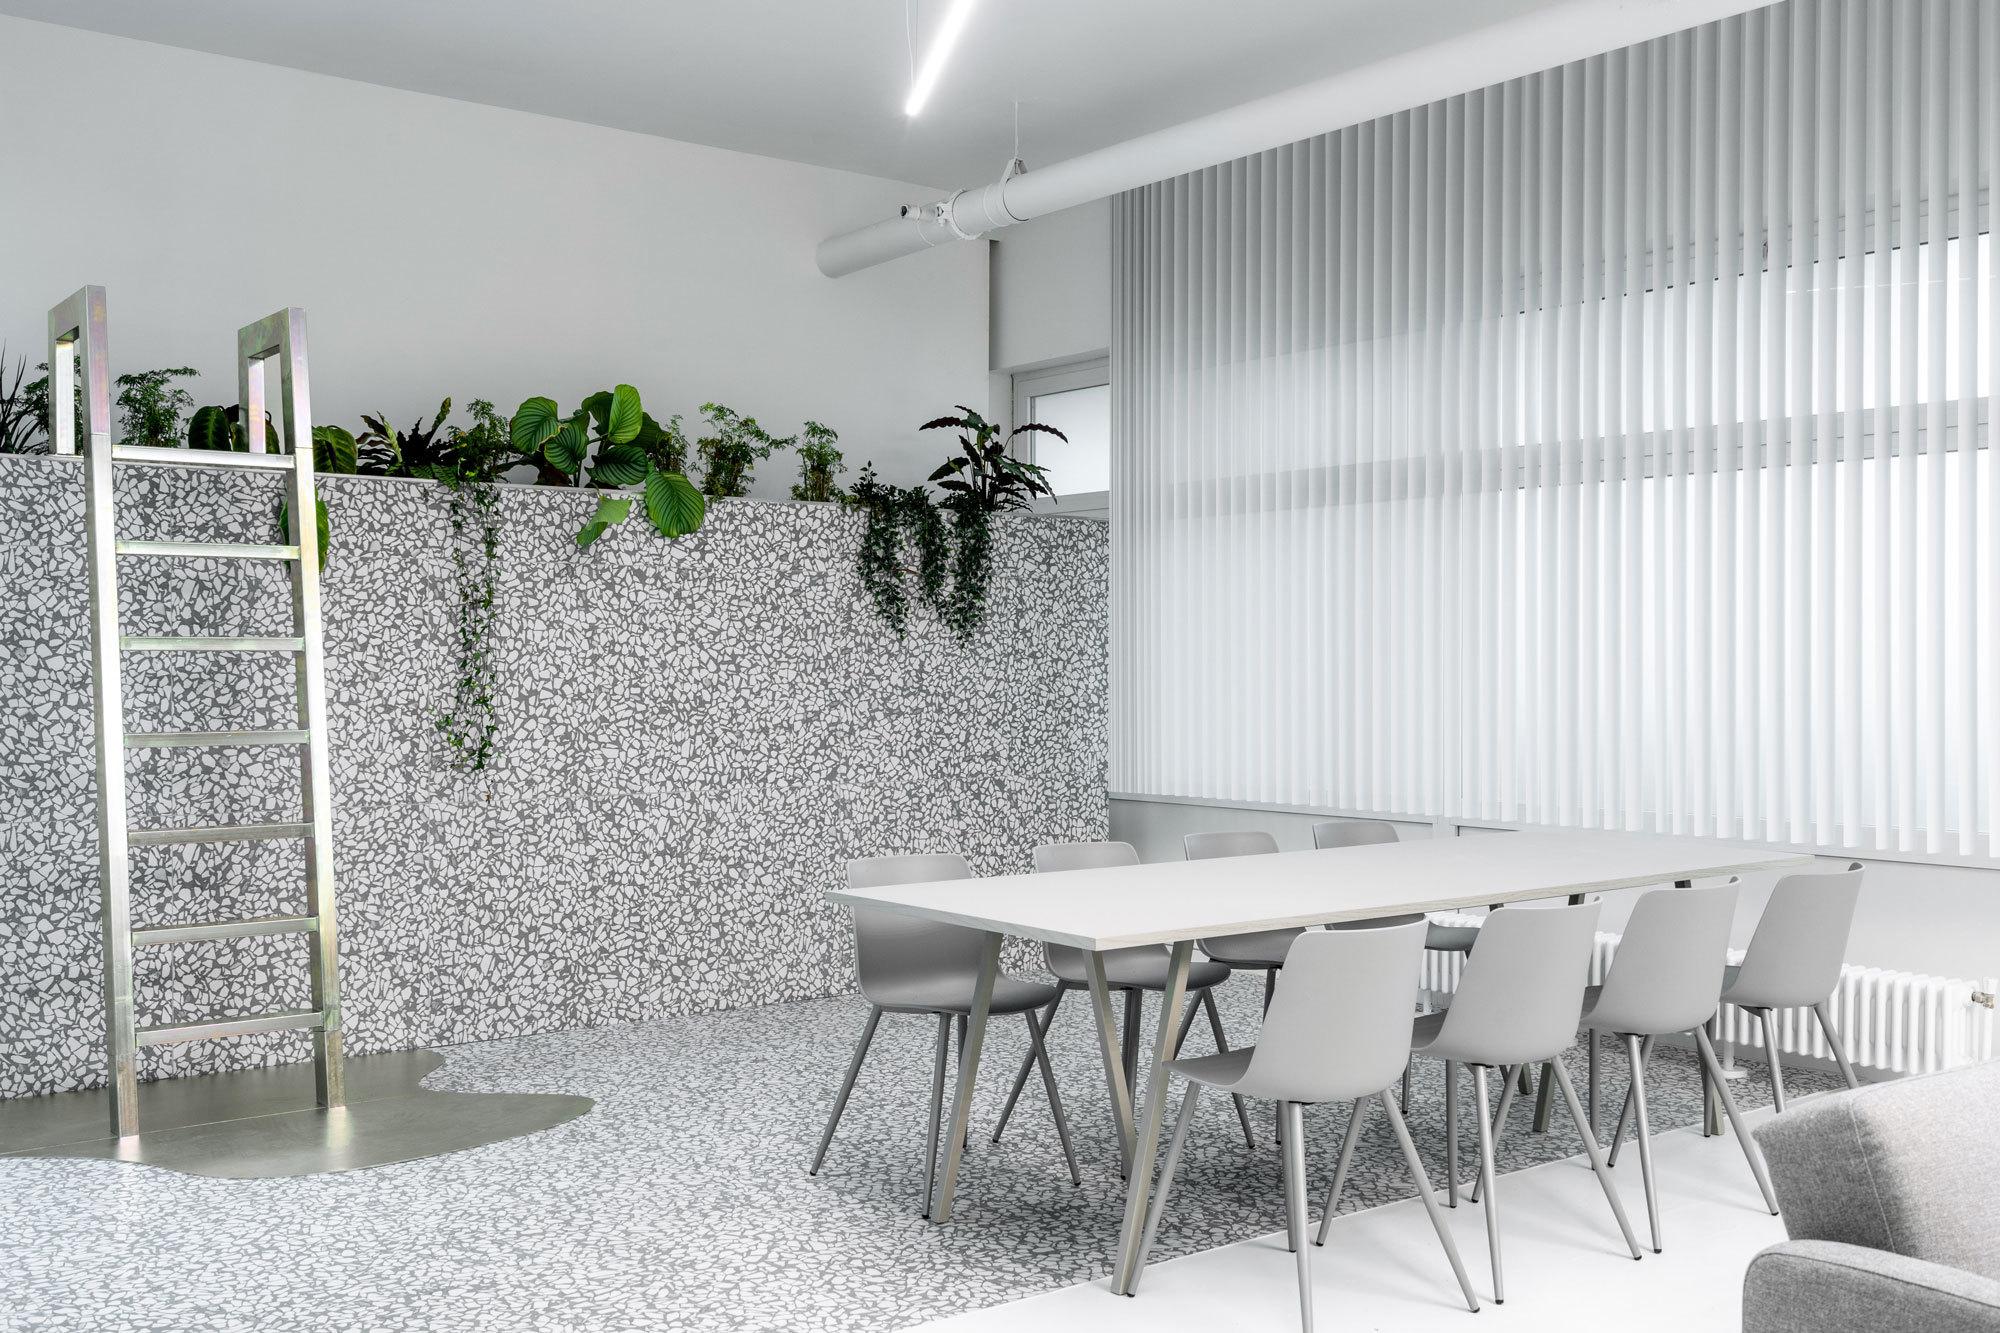 Eine Besonderheit des Projektes besteht aber auch darin, dass sich lediglich im hintersten Zimmer eine Fensterwand aus milchigem Sichtschutzglas befindet, von der sich nur der obere Teil öffnen lässt.